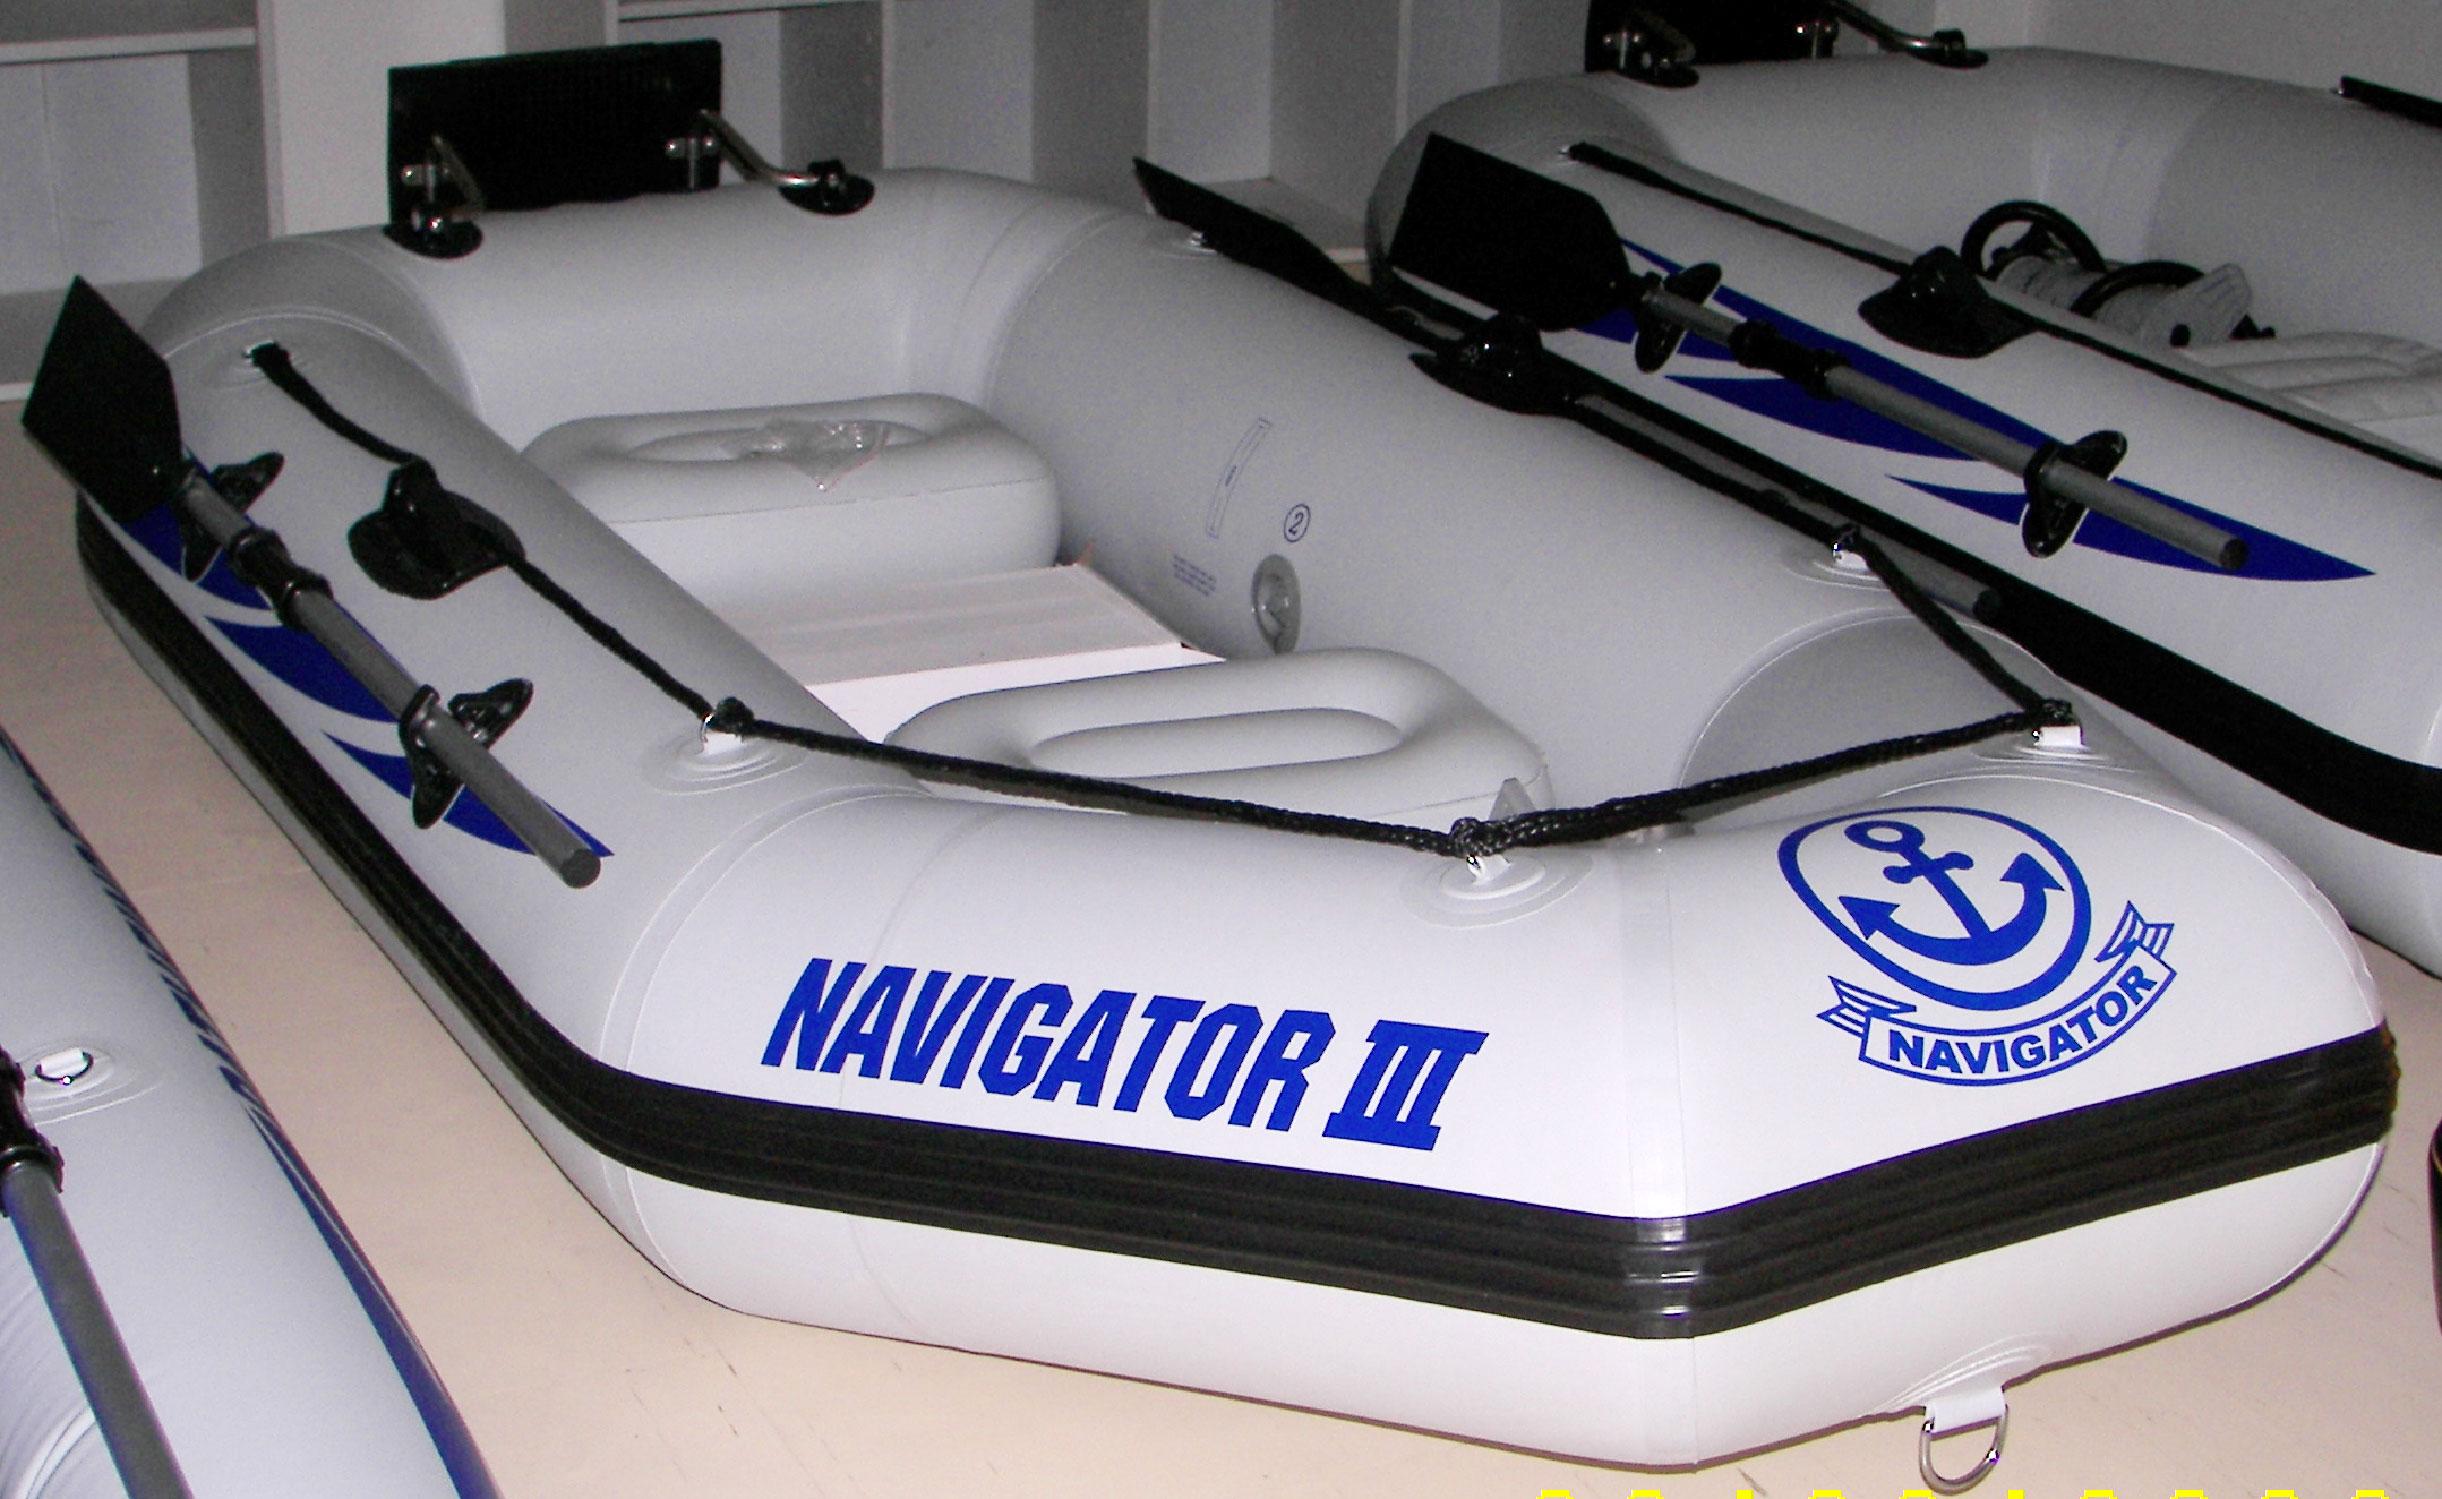 китайская лодка навигатор